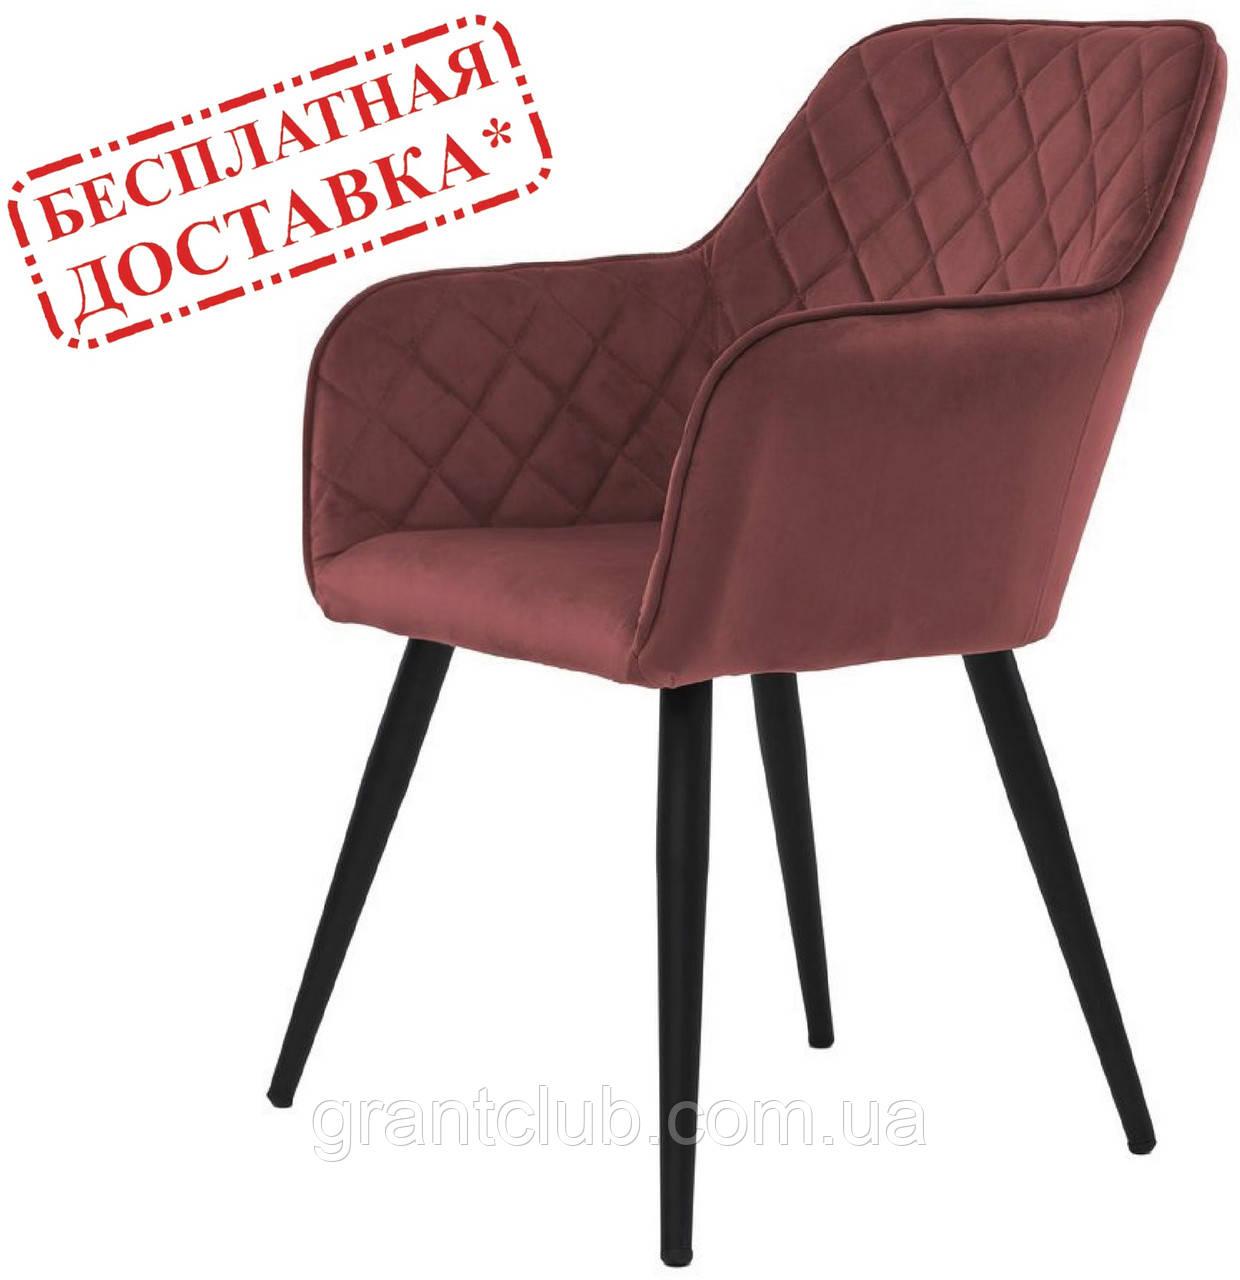 Кресло ANTIBA гранат Concepto (бесплатная доставка)